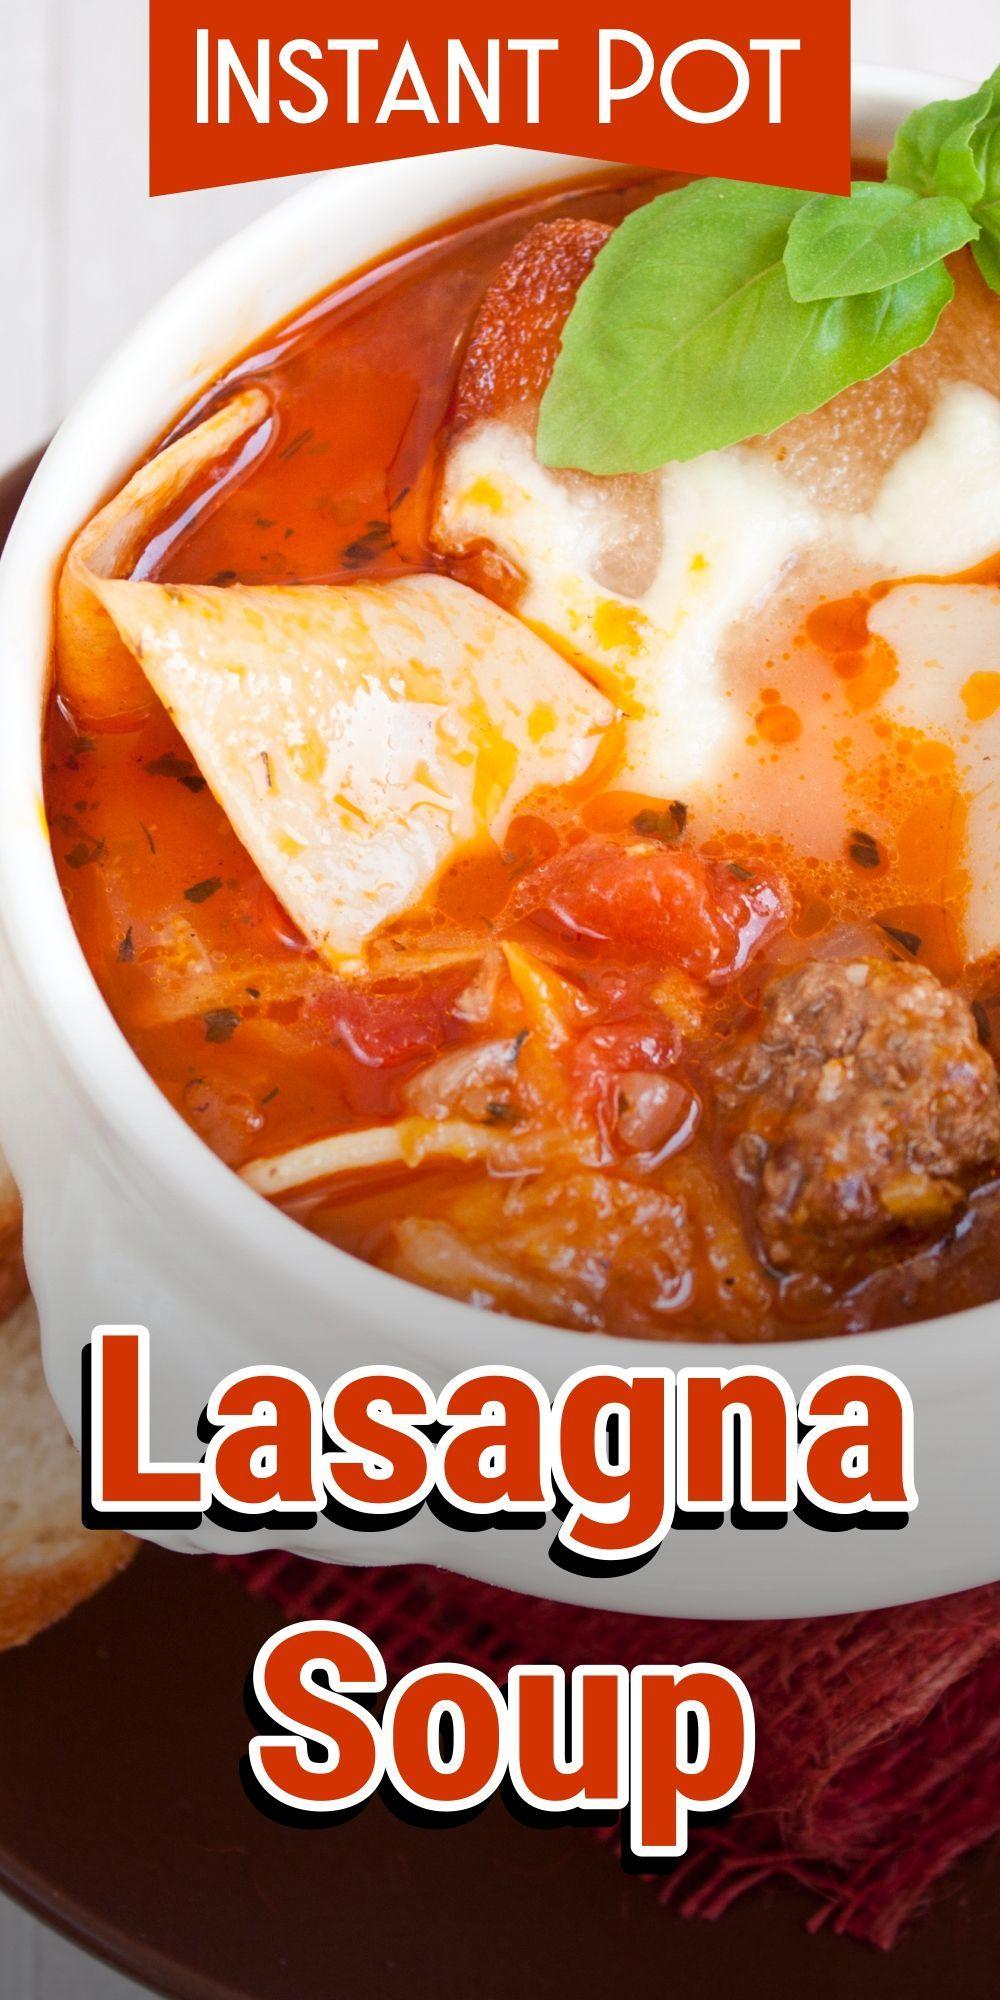 Instant Pot Lasagna Soup #crockpotlasagna